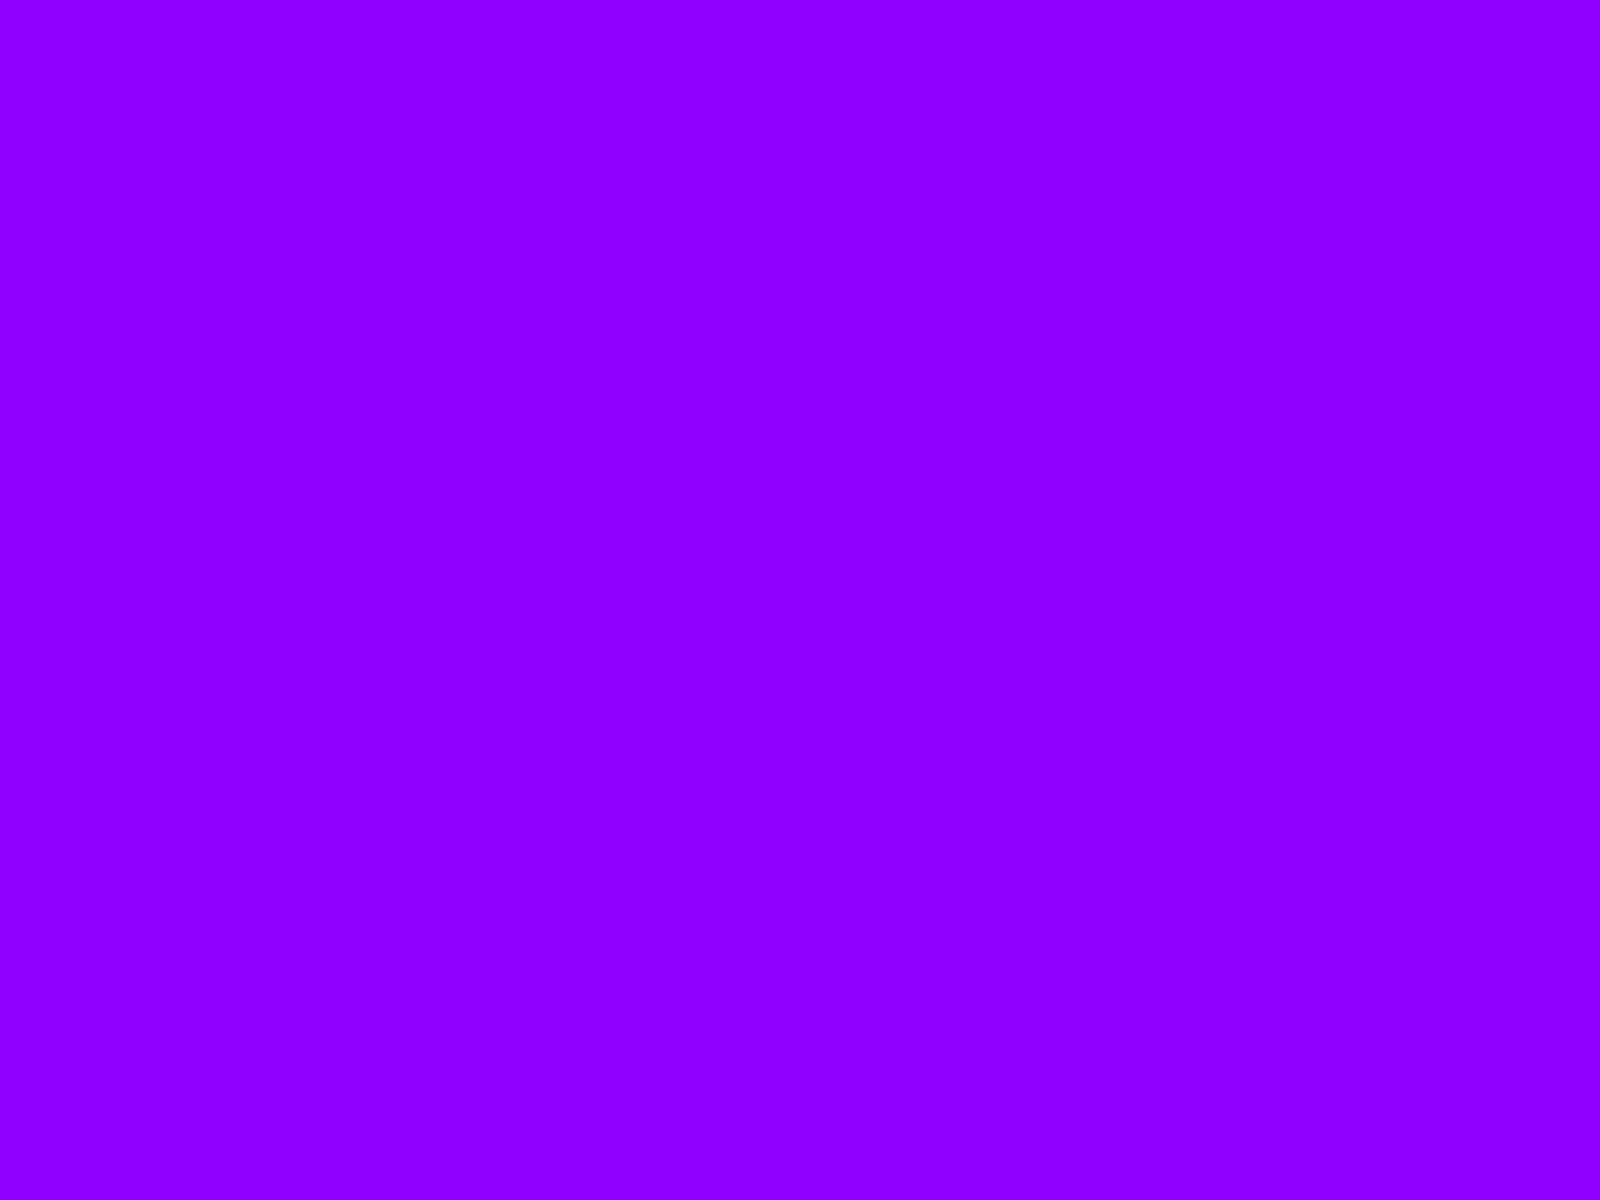 1600x1200 Violet Solid Color Background